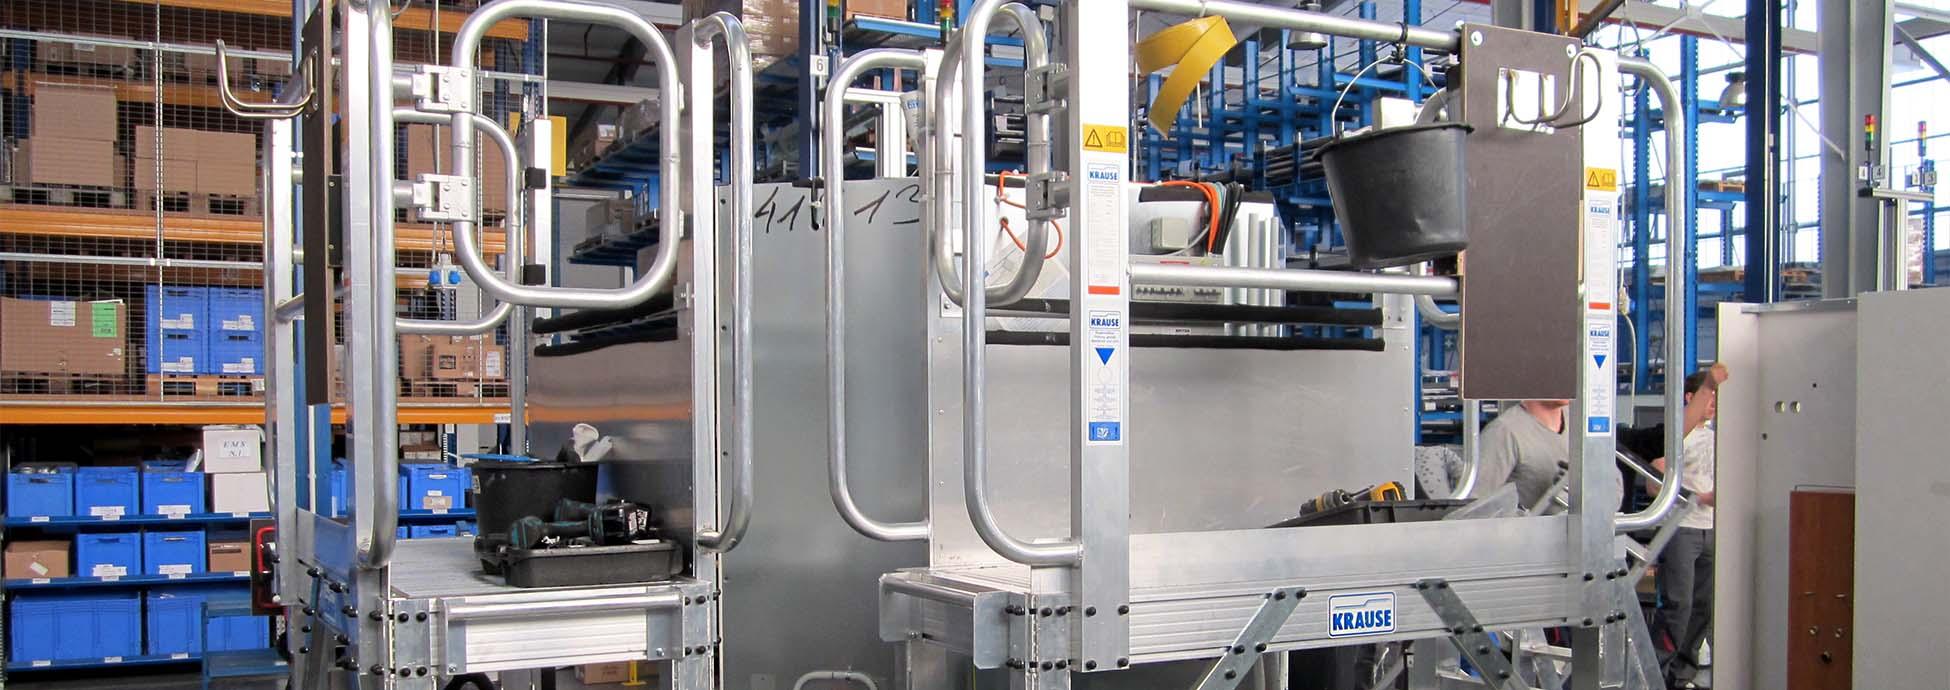 Регулируемая по высоте, передвижная рабочая платформа для производства из алюминия